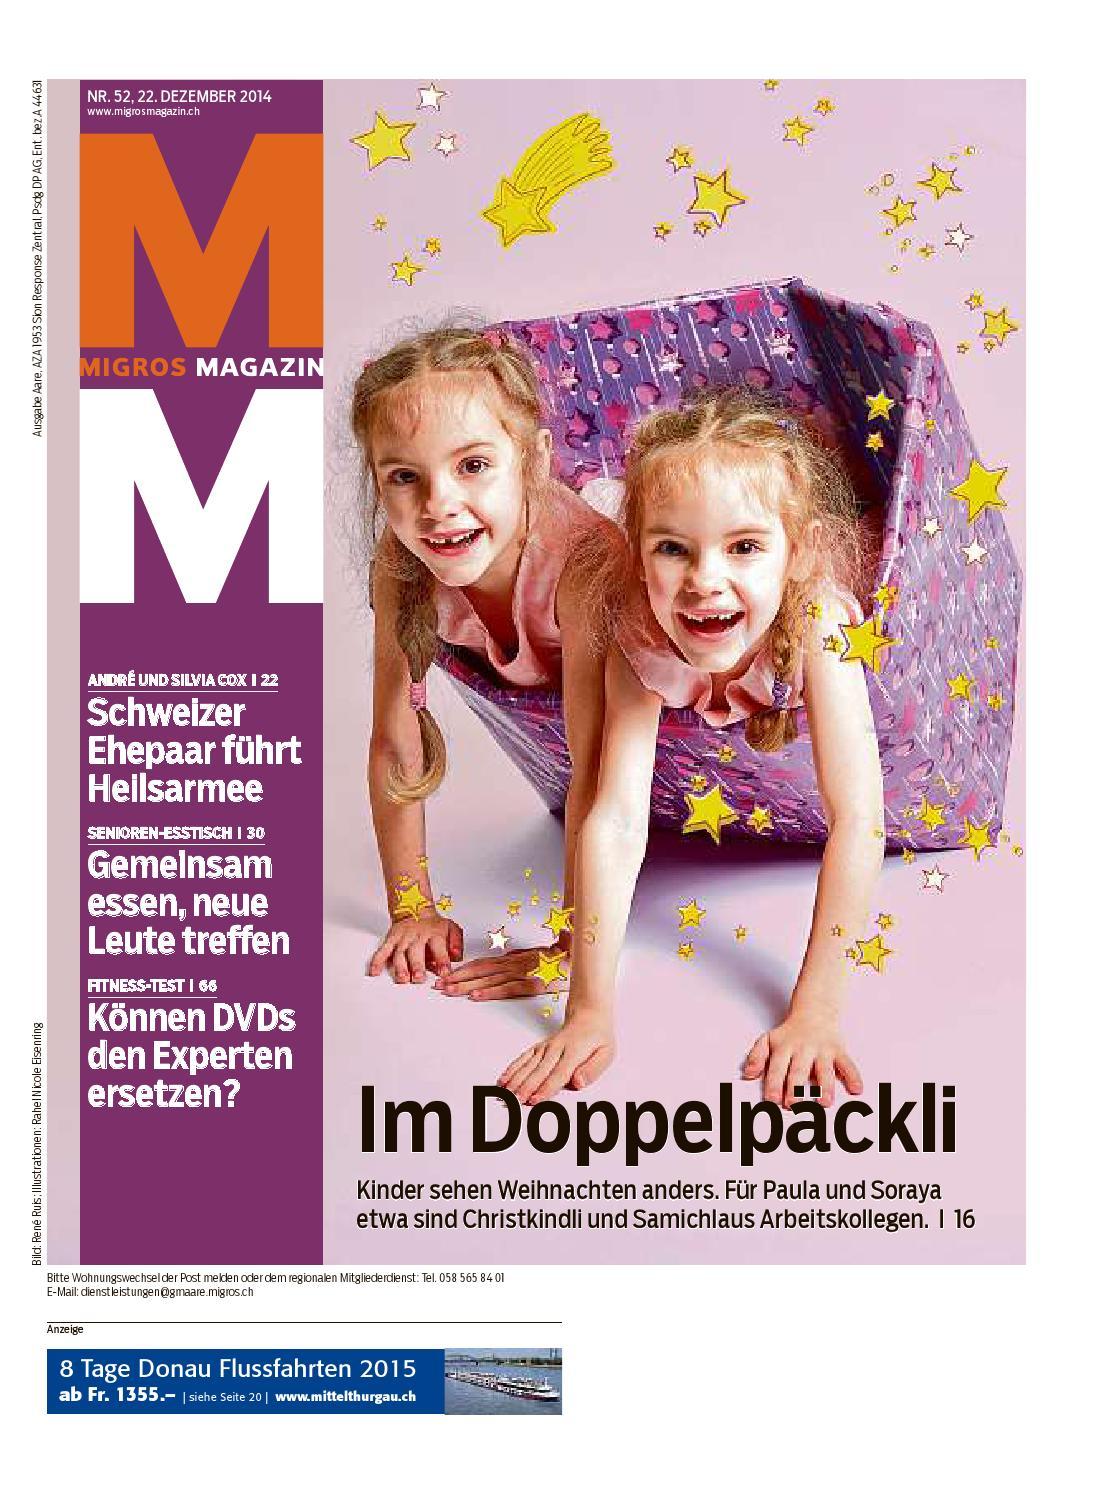 Migros magazin 52 2014 d aa by Migros-Genossenschafts-Bund - issuu